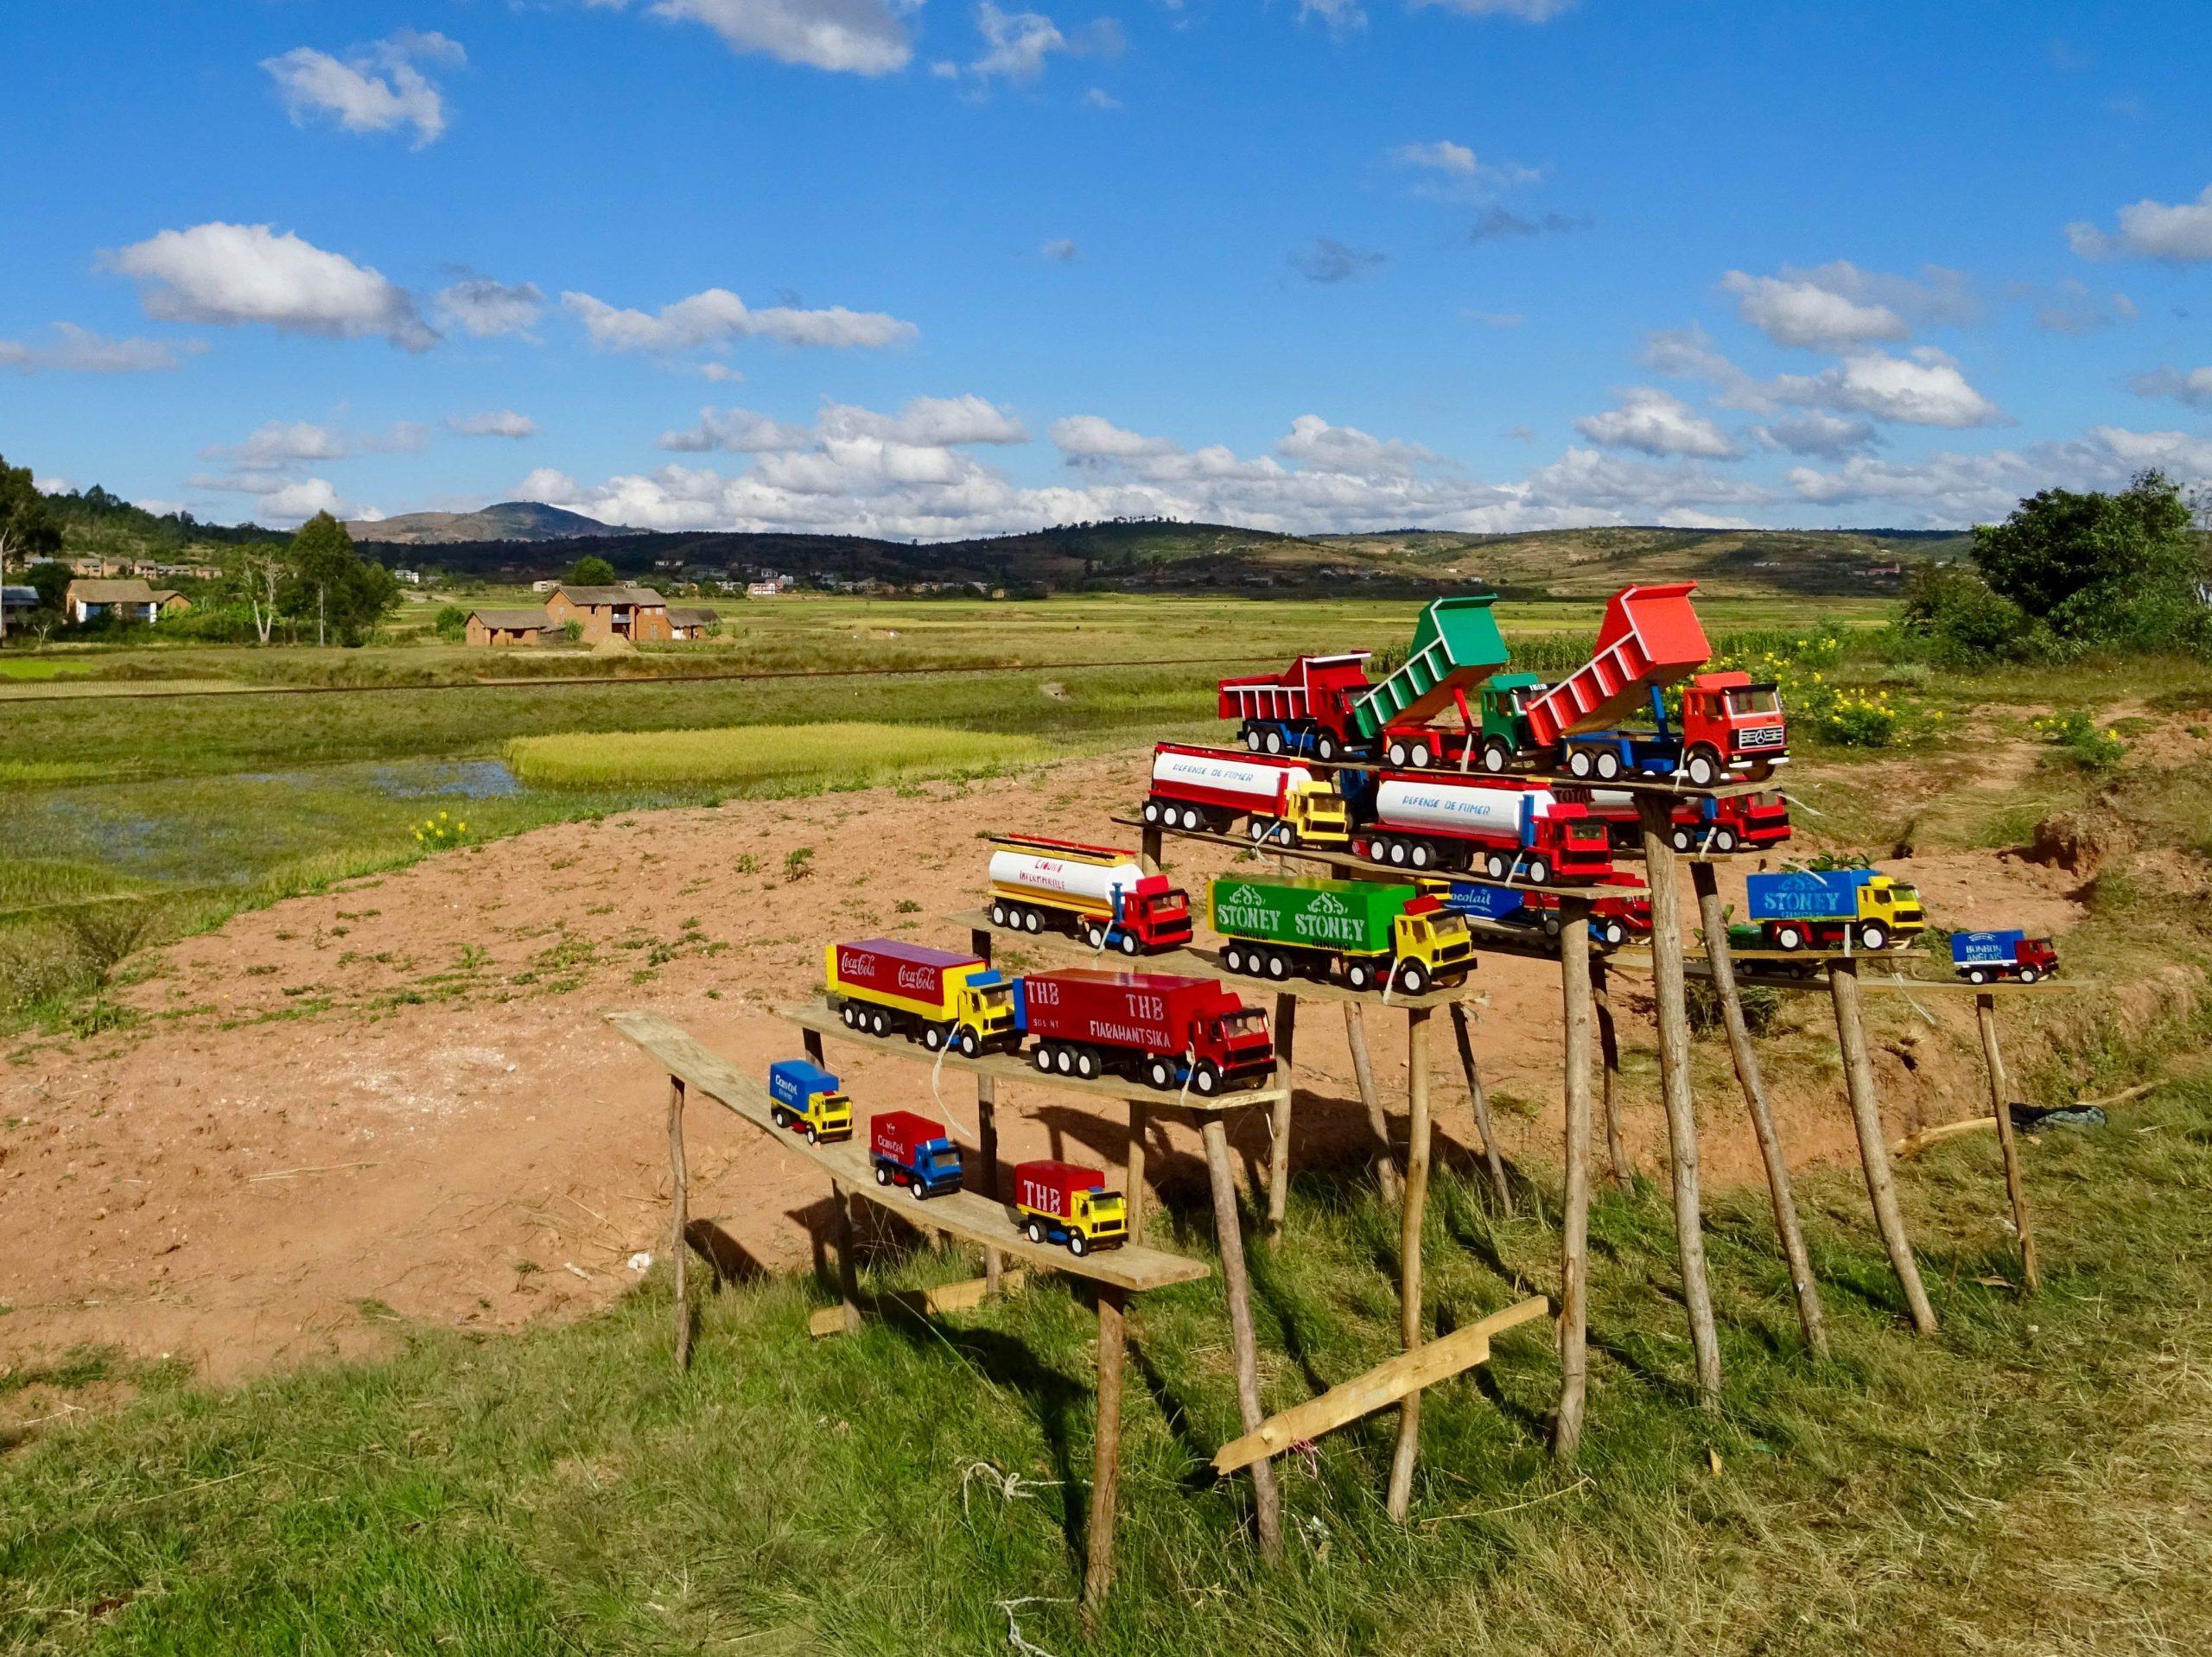 Houten miniatuurversies van de weggebruikers nabij Antanifotsy